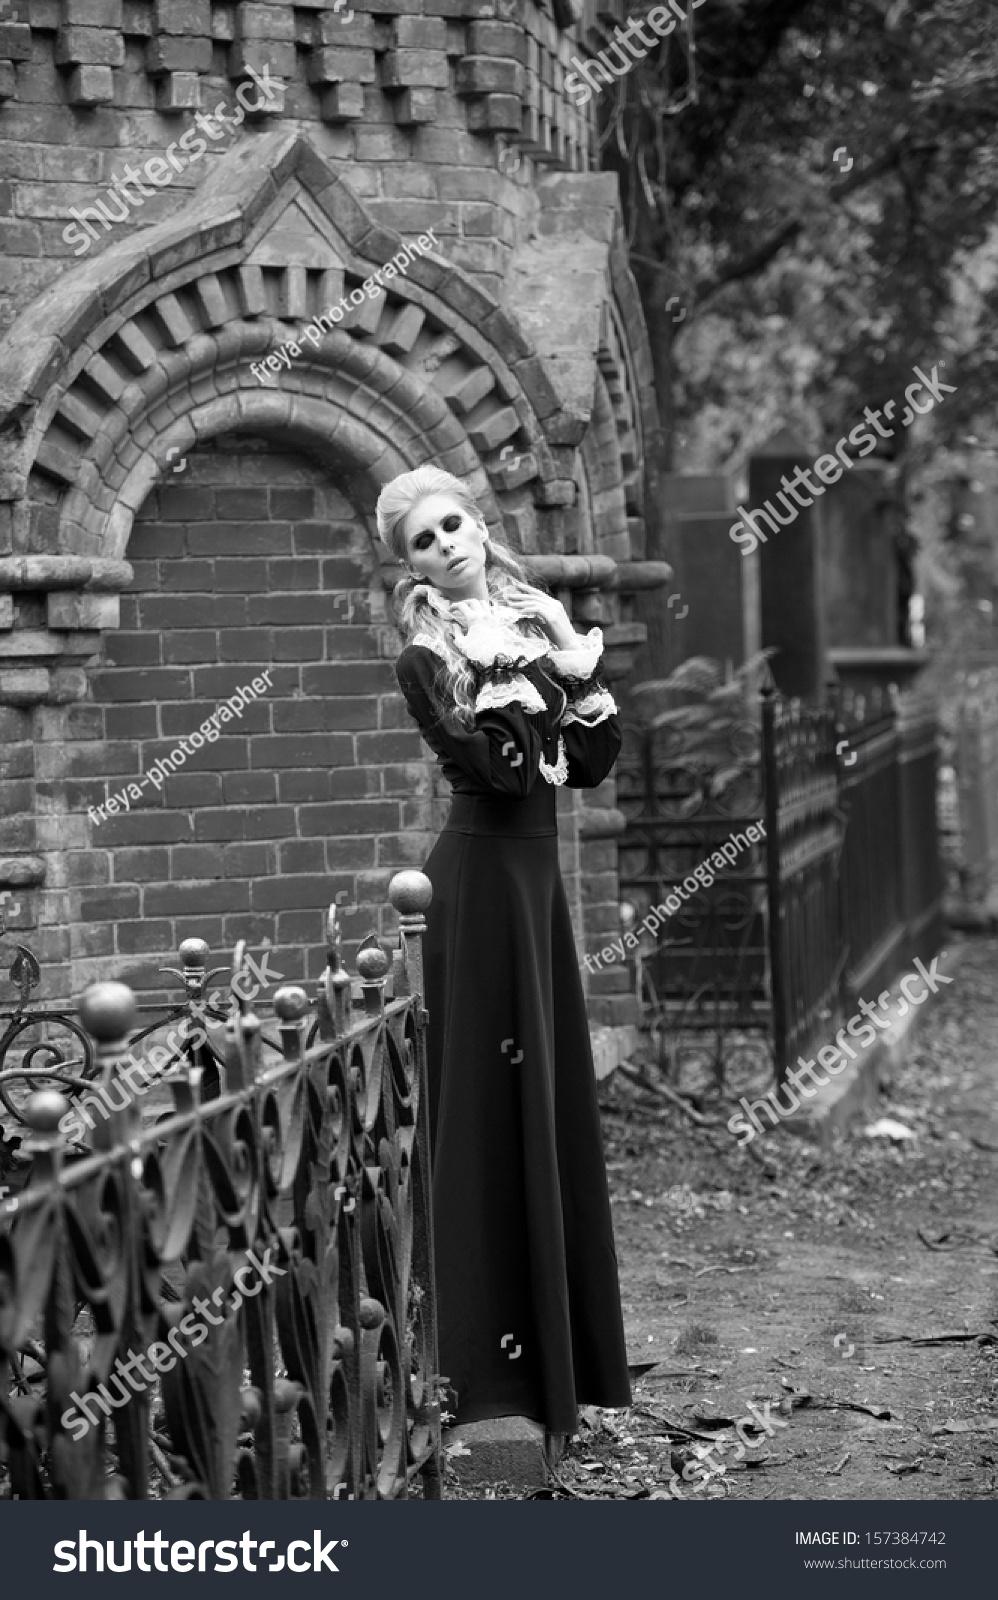 Beautiful gothic girl cemetery blackandwhite photo stock photo edit